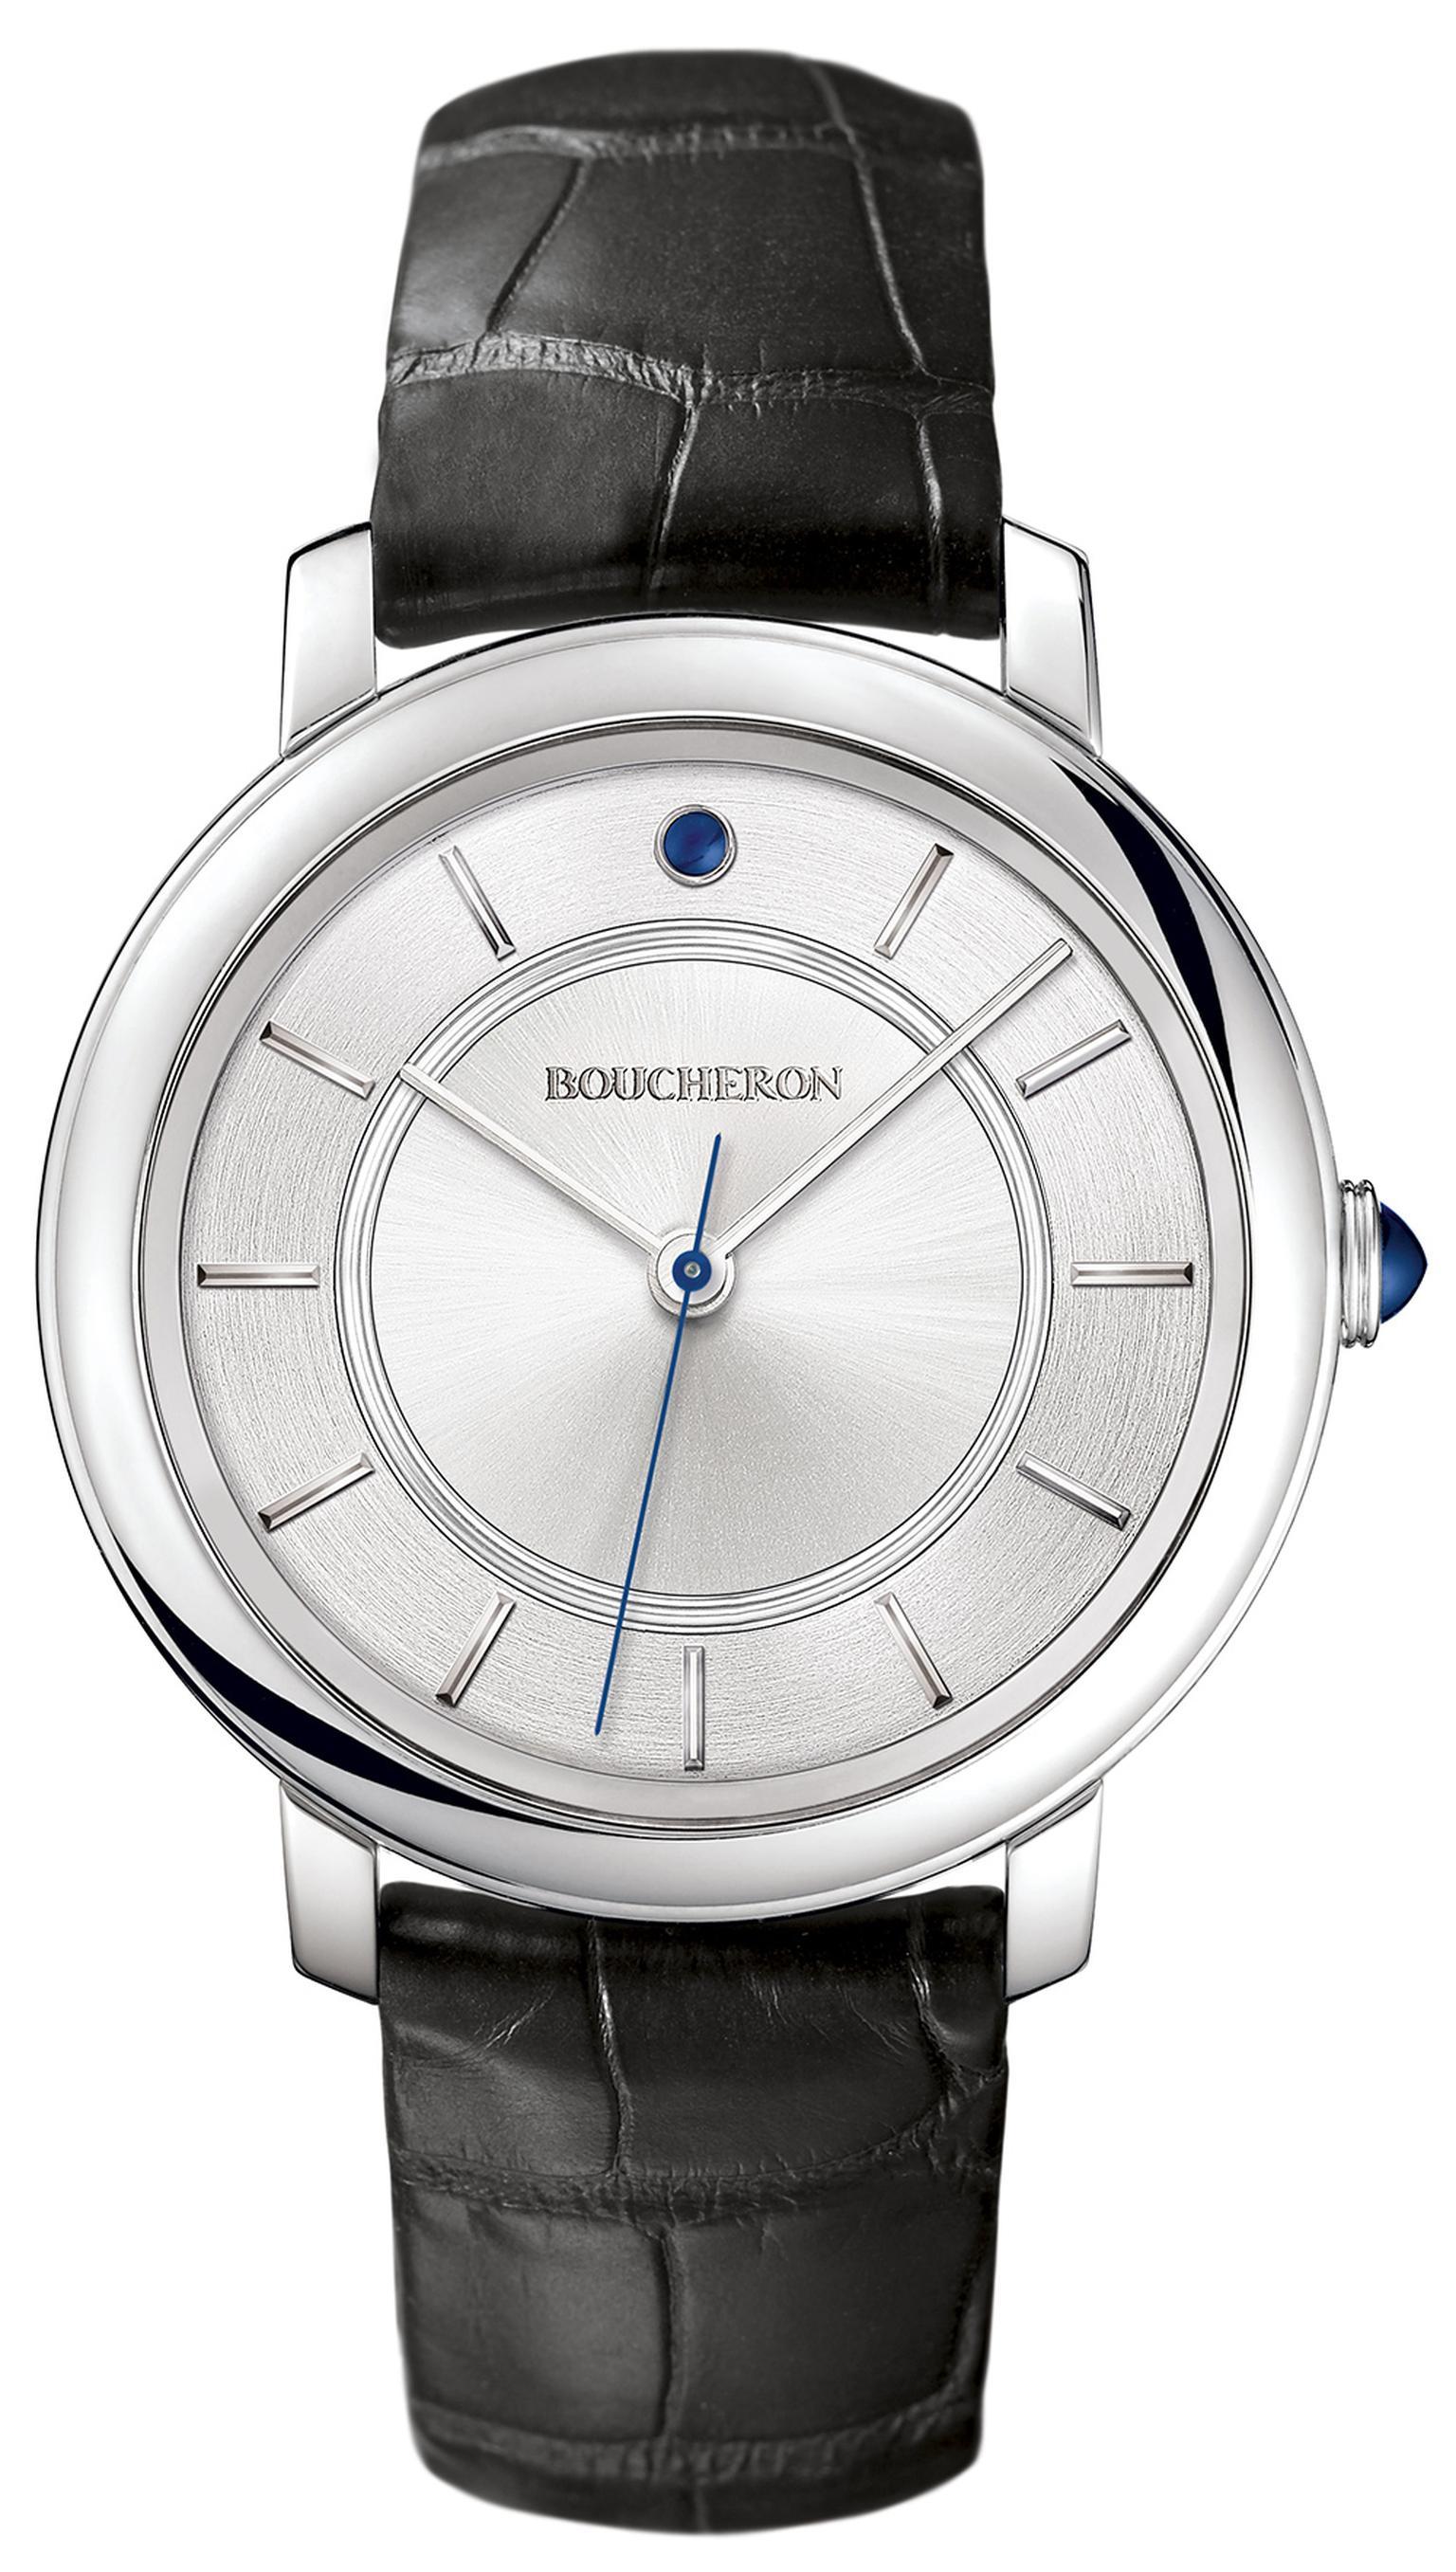 Boucheron-Épure-watch-in-white-gold-42mm..jpg